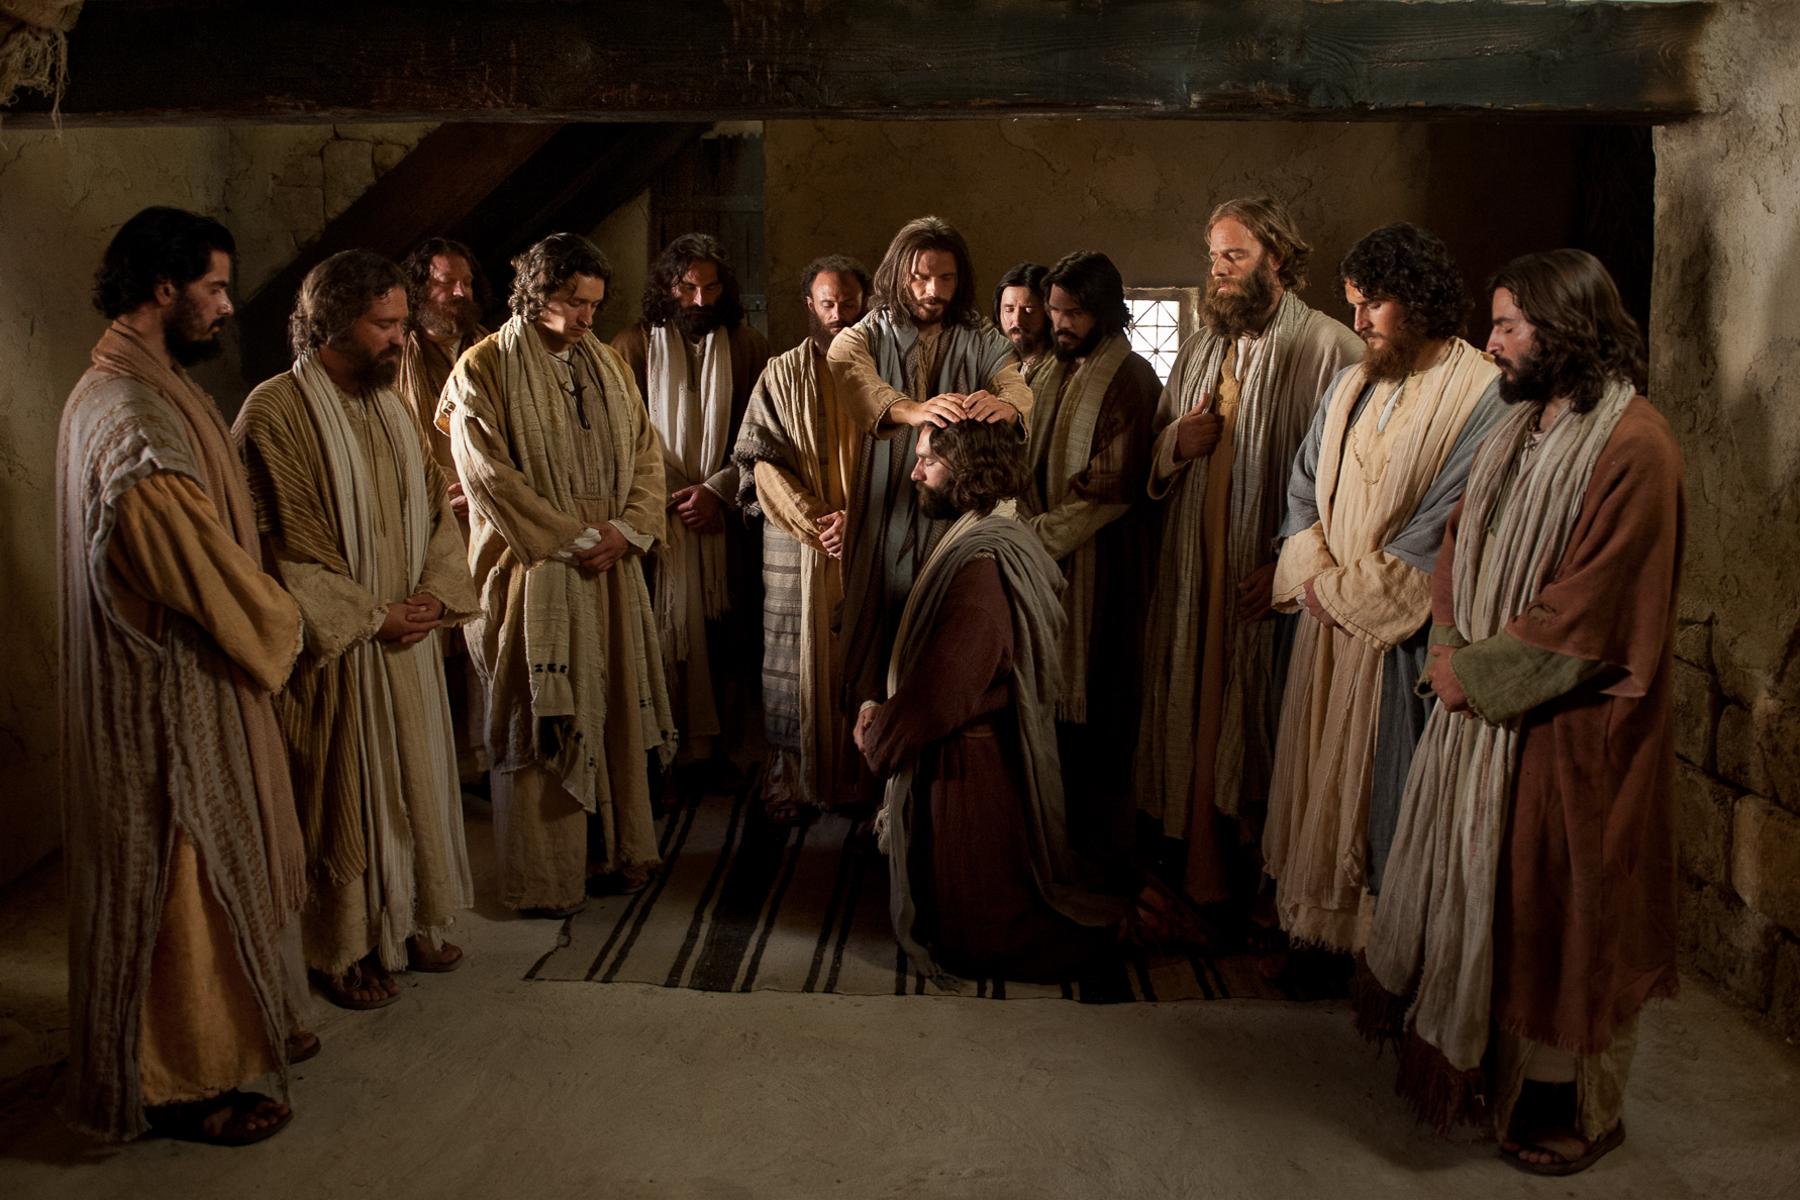 26_the-calling-of-the-original-twelve-apostles_1800x1200_300dpi_3